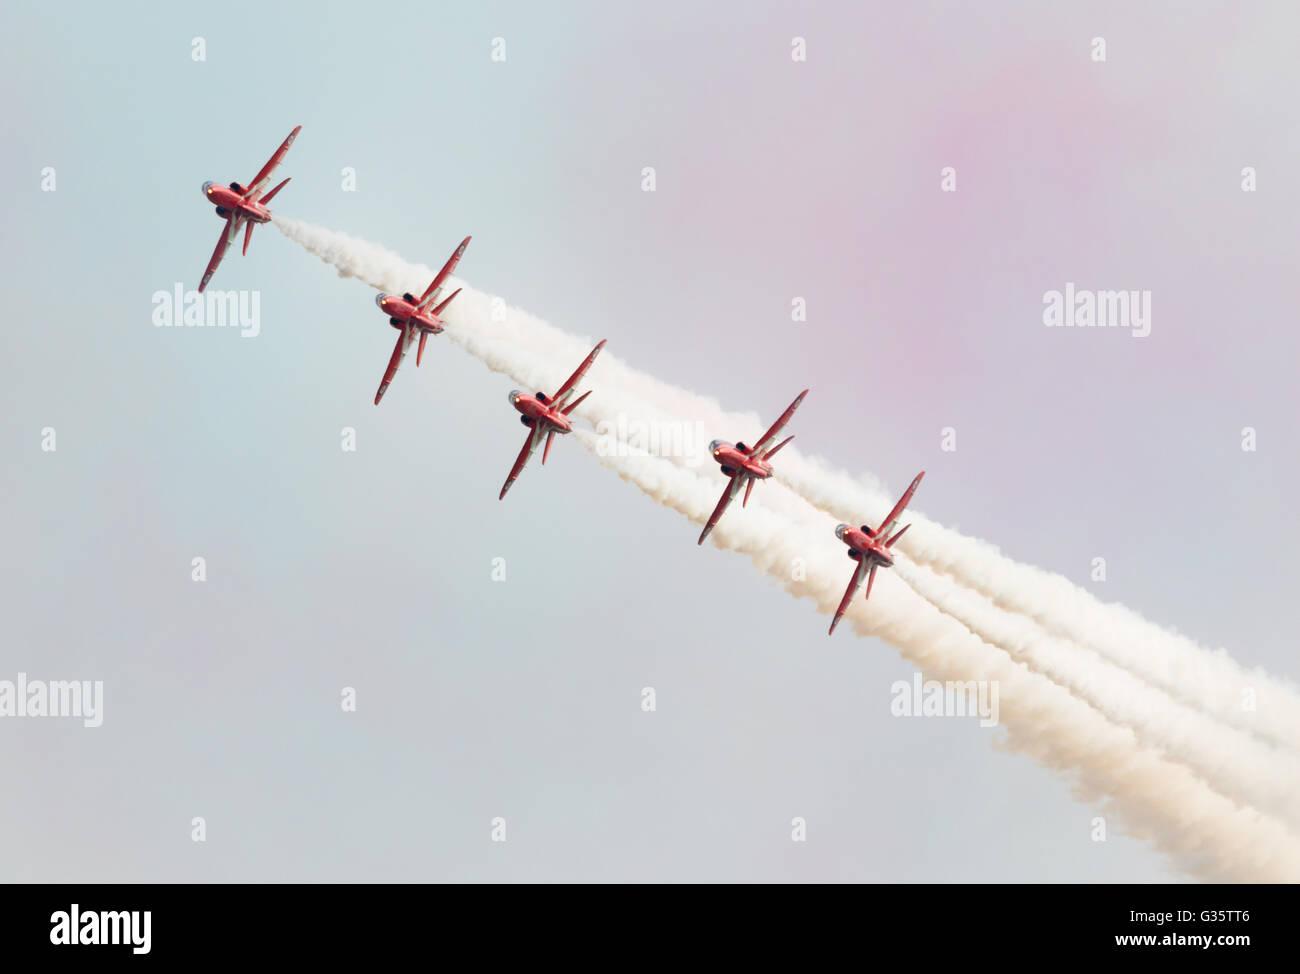 Le frecce rosse RAF aerobatic team volando verso la telecamera, Duxford American Airshow di Duxford, REGNO UNITO Immagini Stock